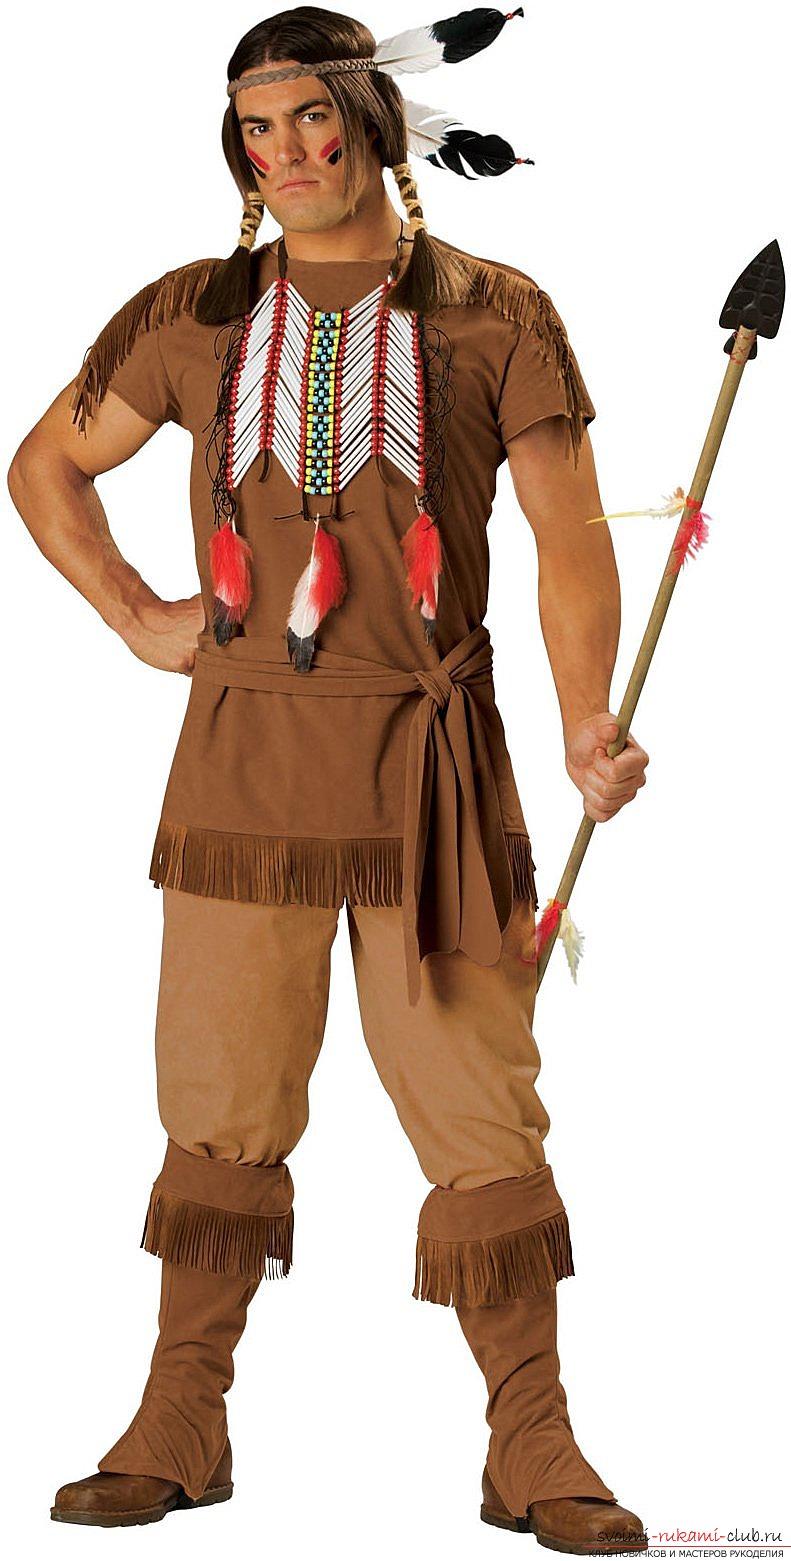 Как сделать своими руками костюм индейца для девочки своими руками фото 664